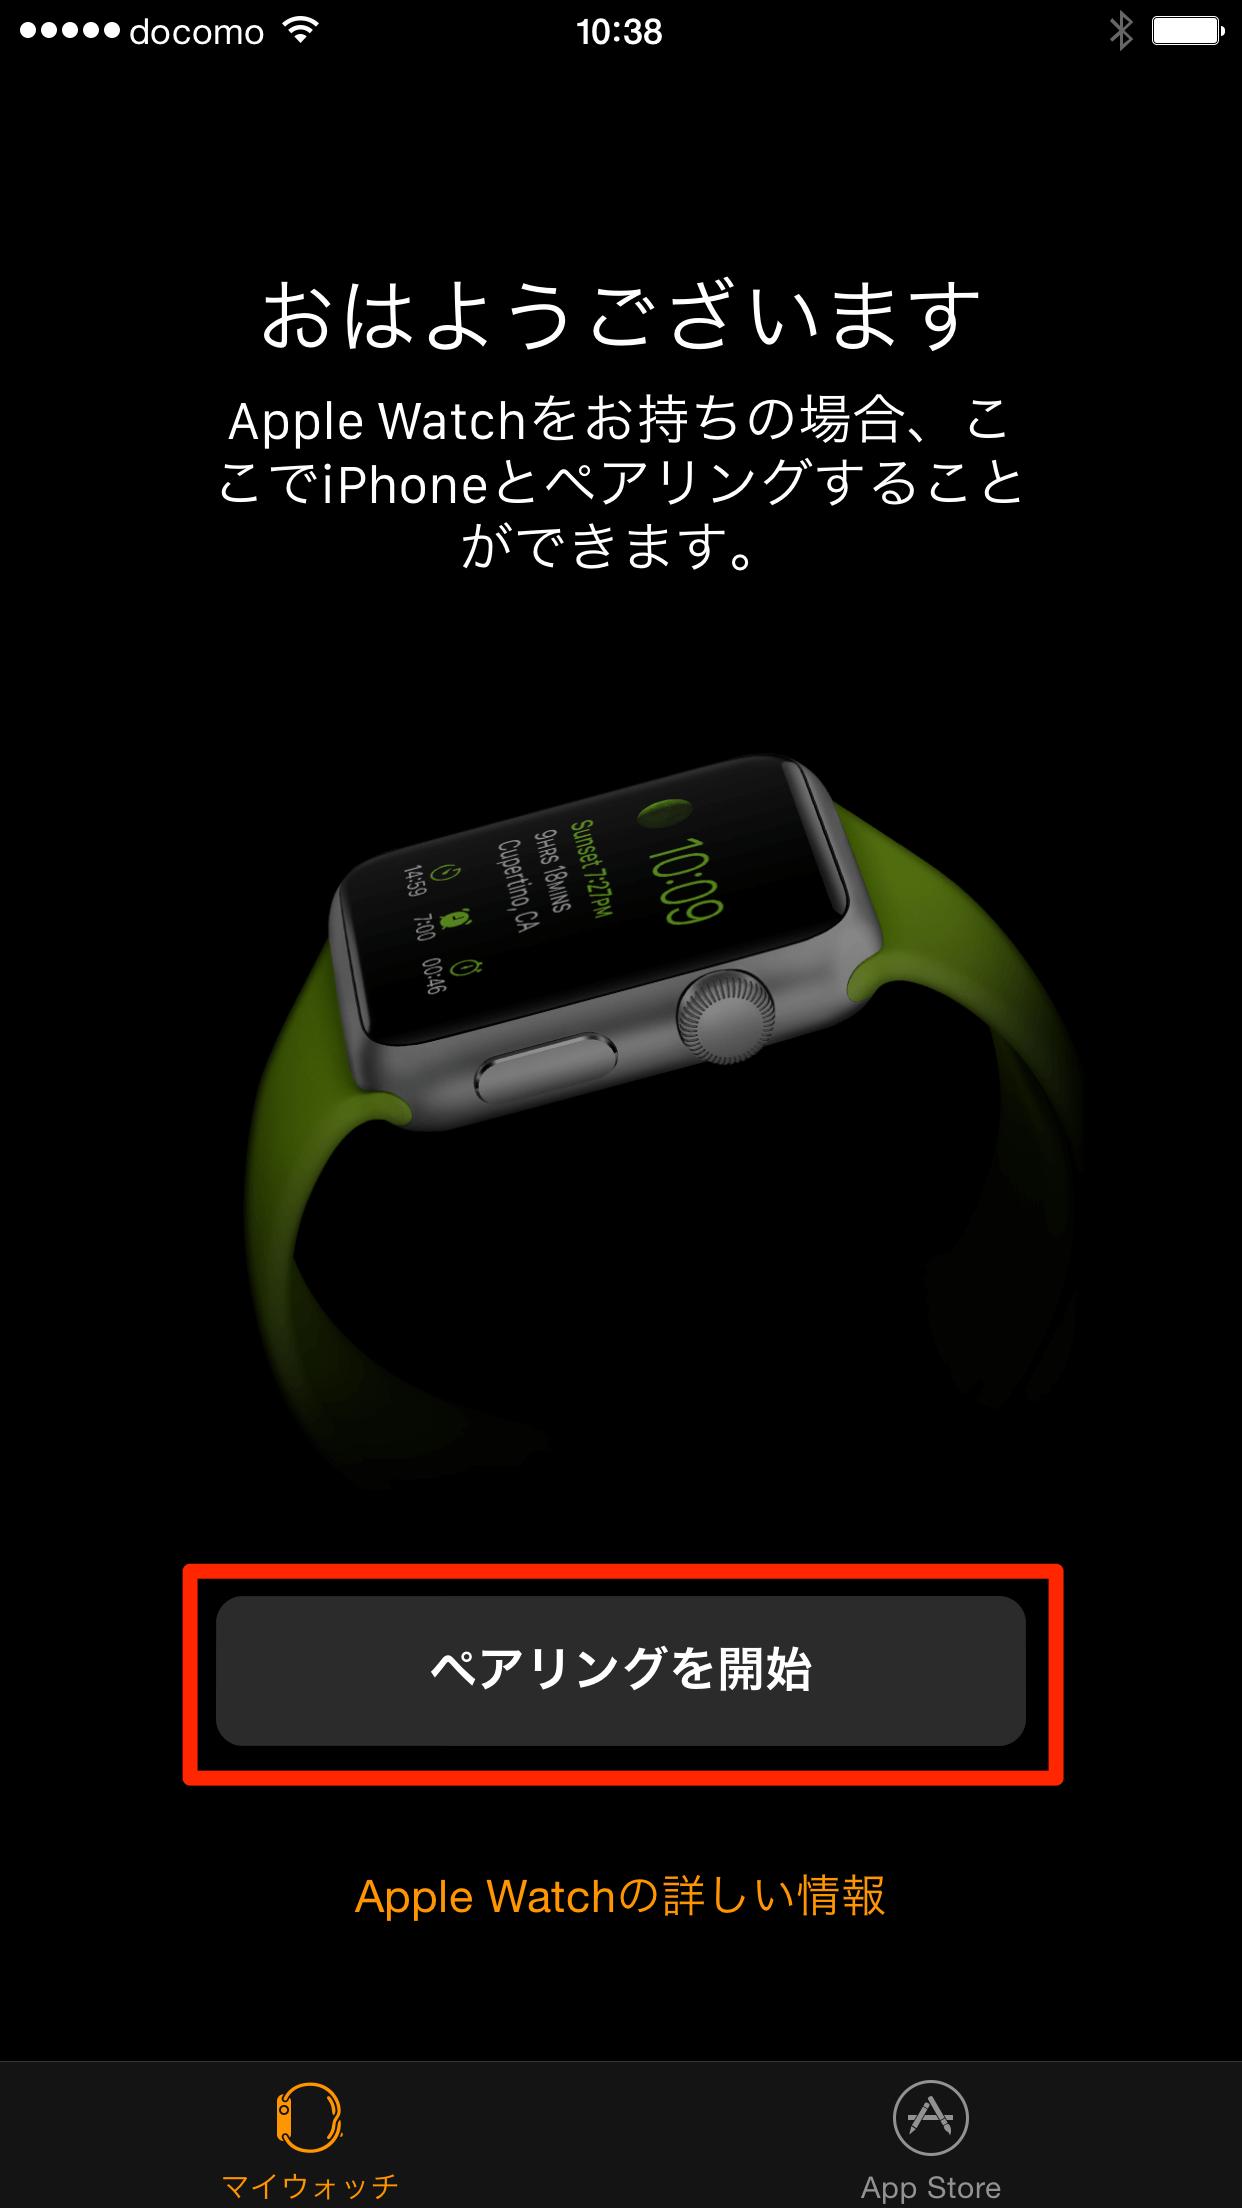 iPhoneで[Apple Watch]アプリを起動する